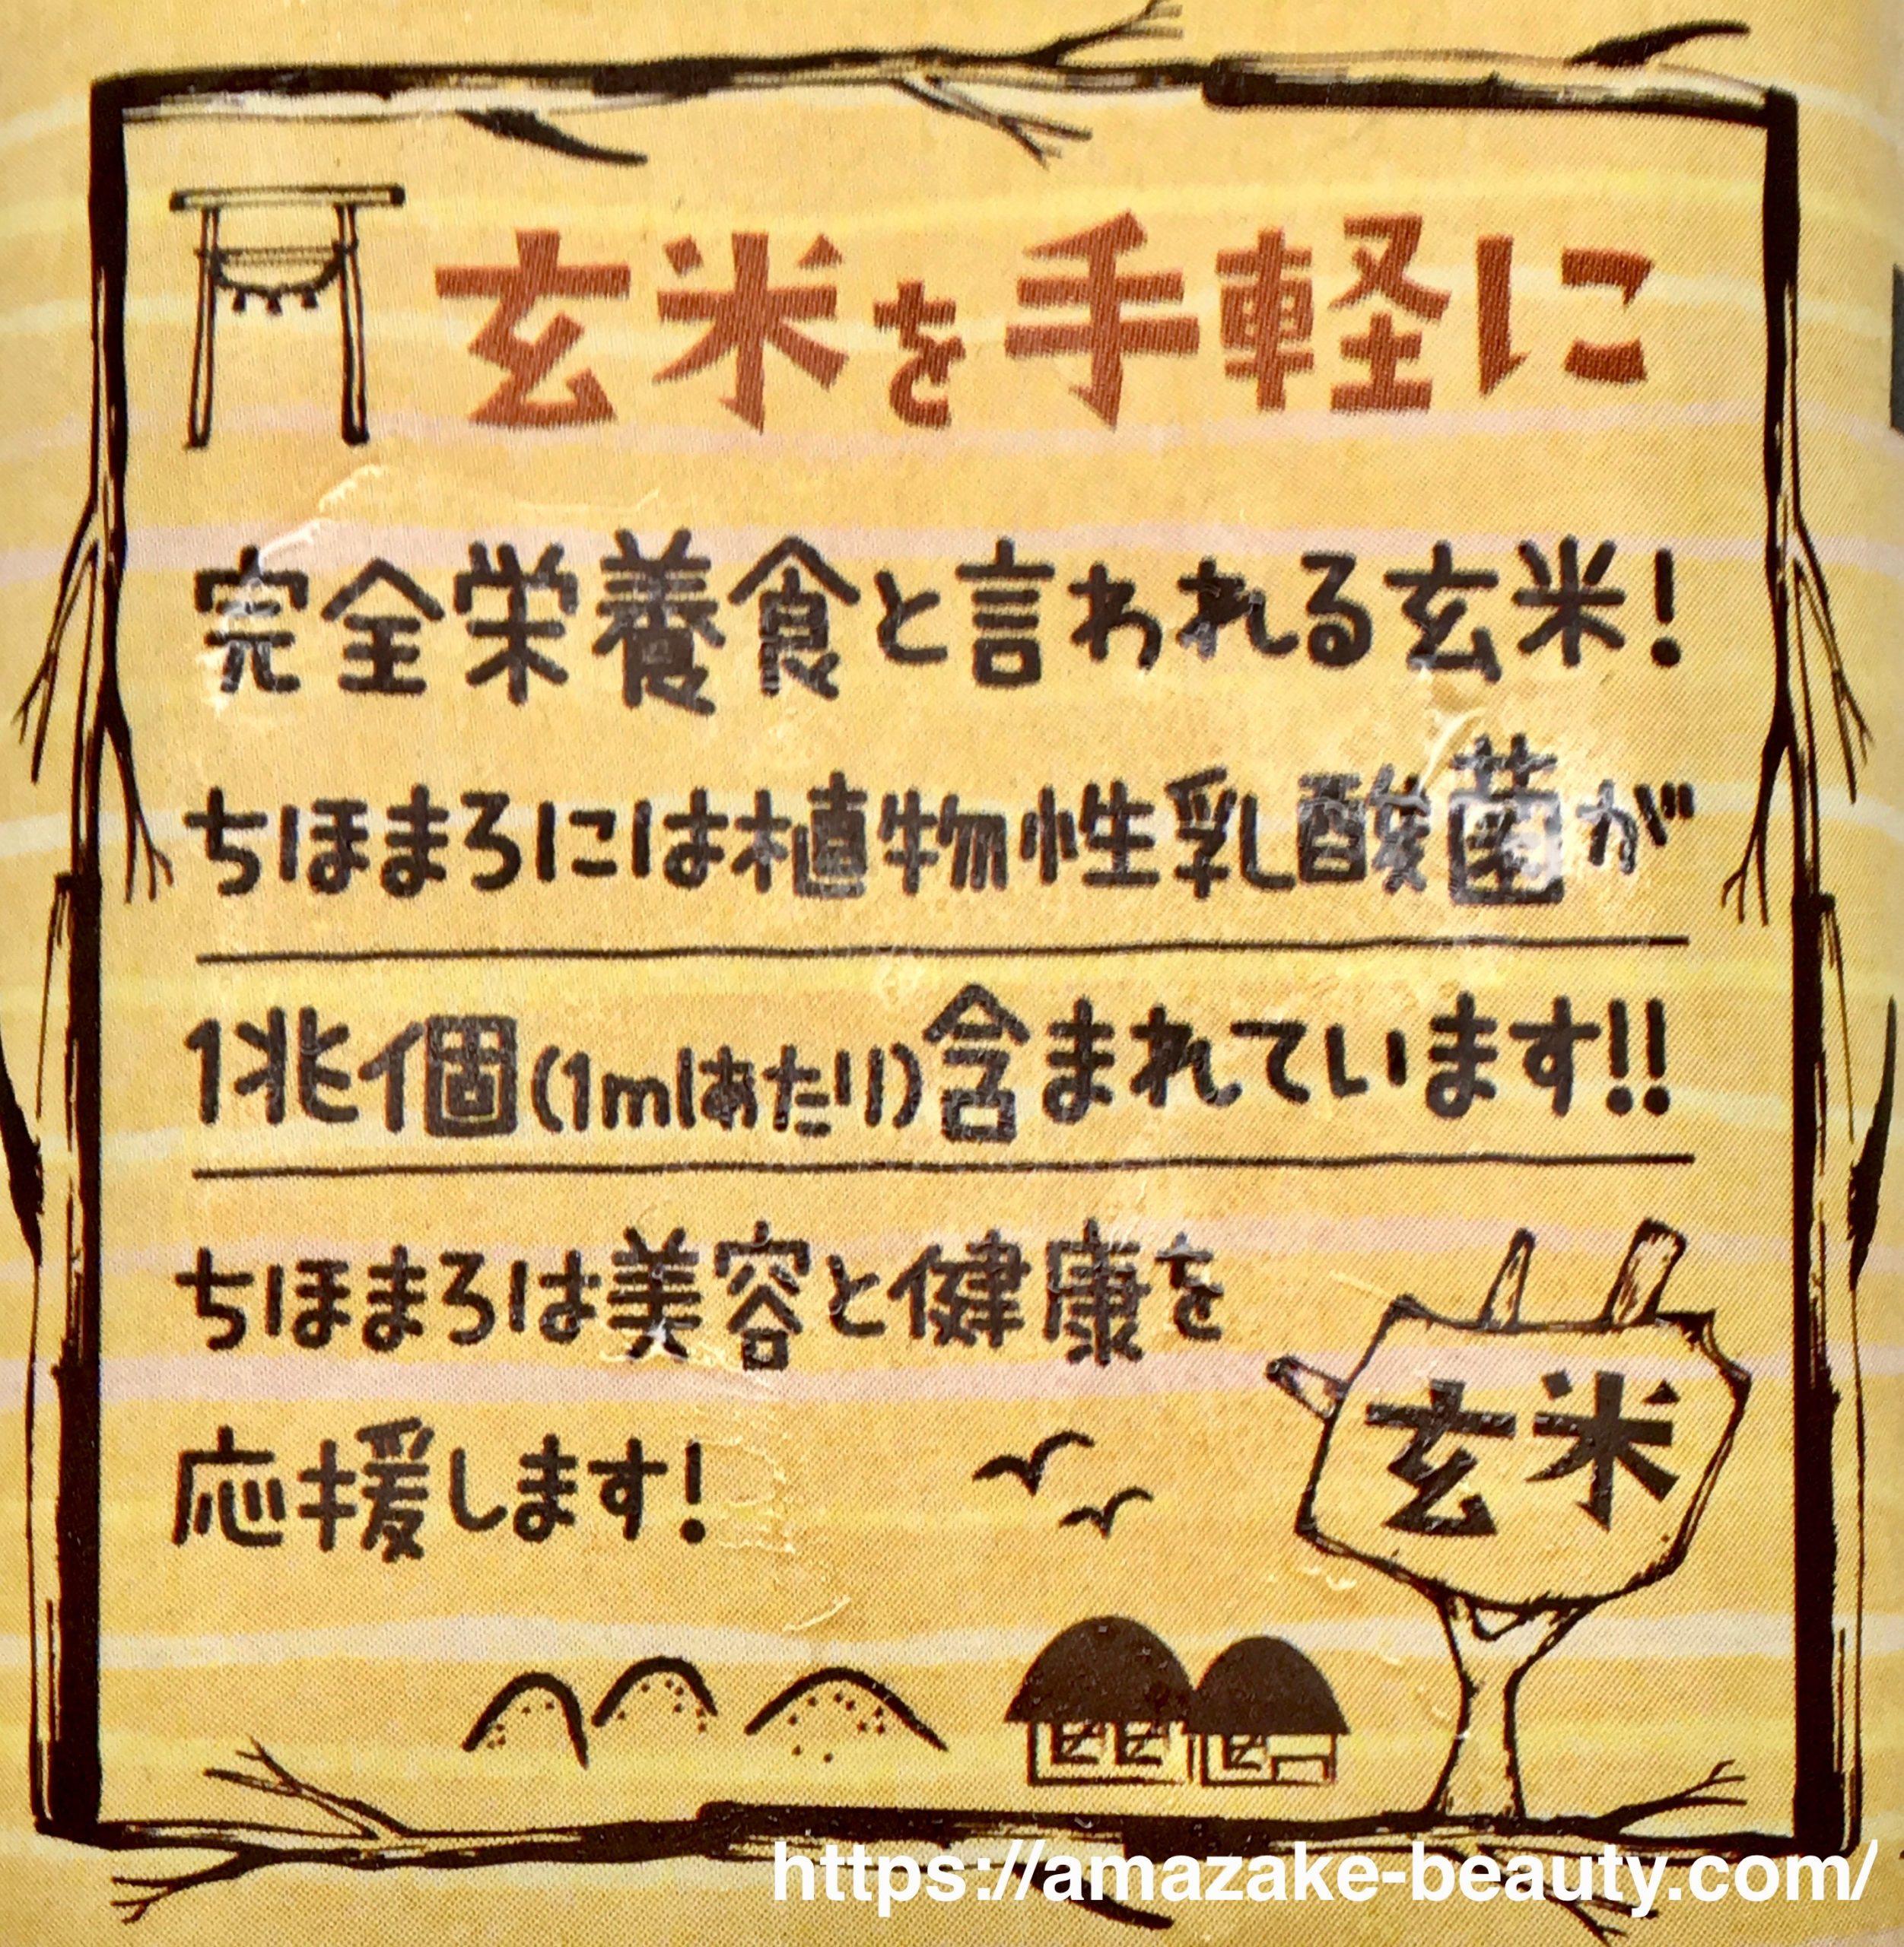 【甘酒】高千穂『ちほまろ(玄米)』(商品説明)